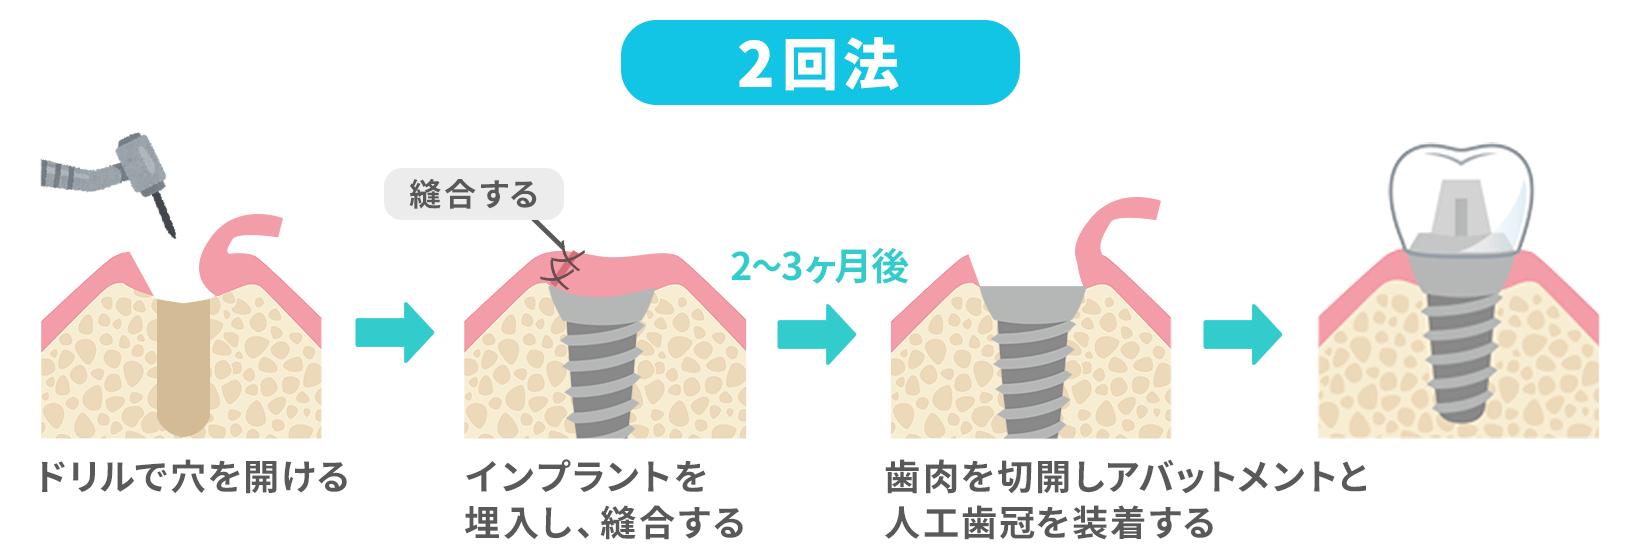 2回法の手術図